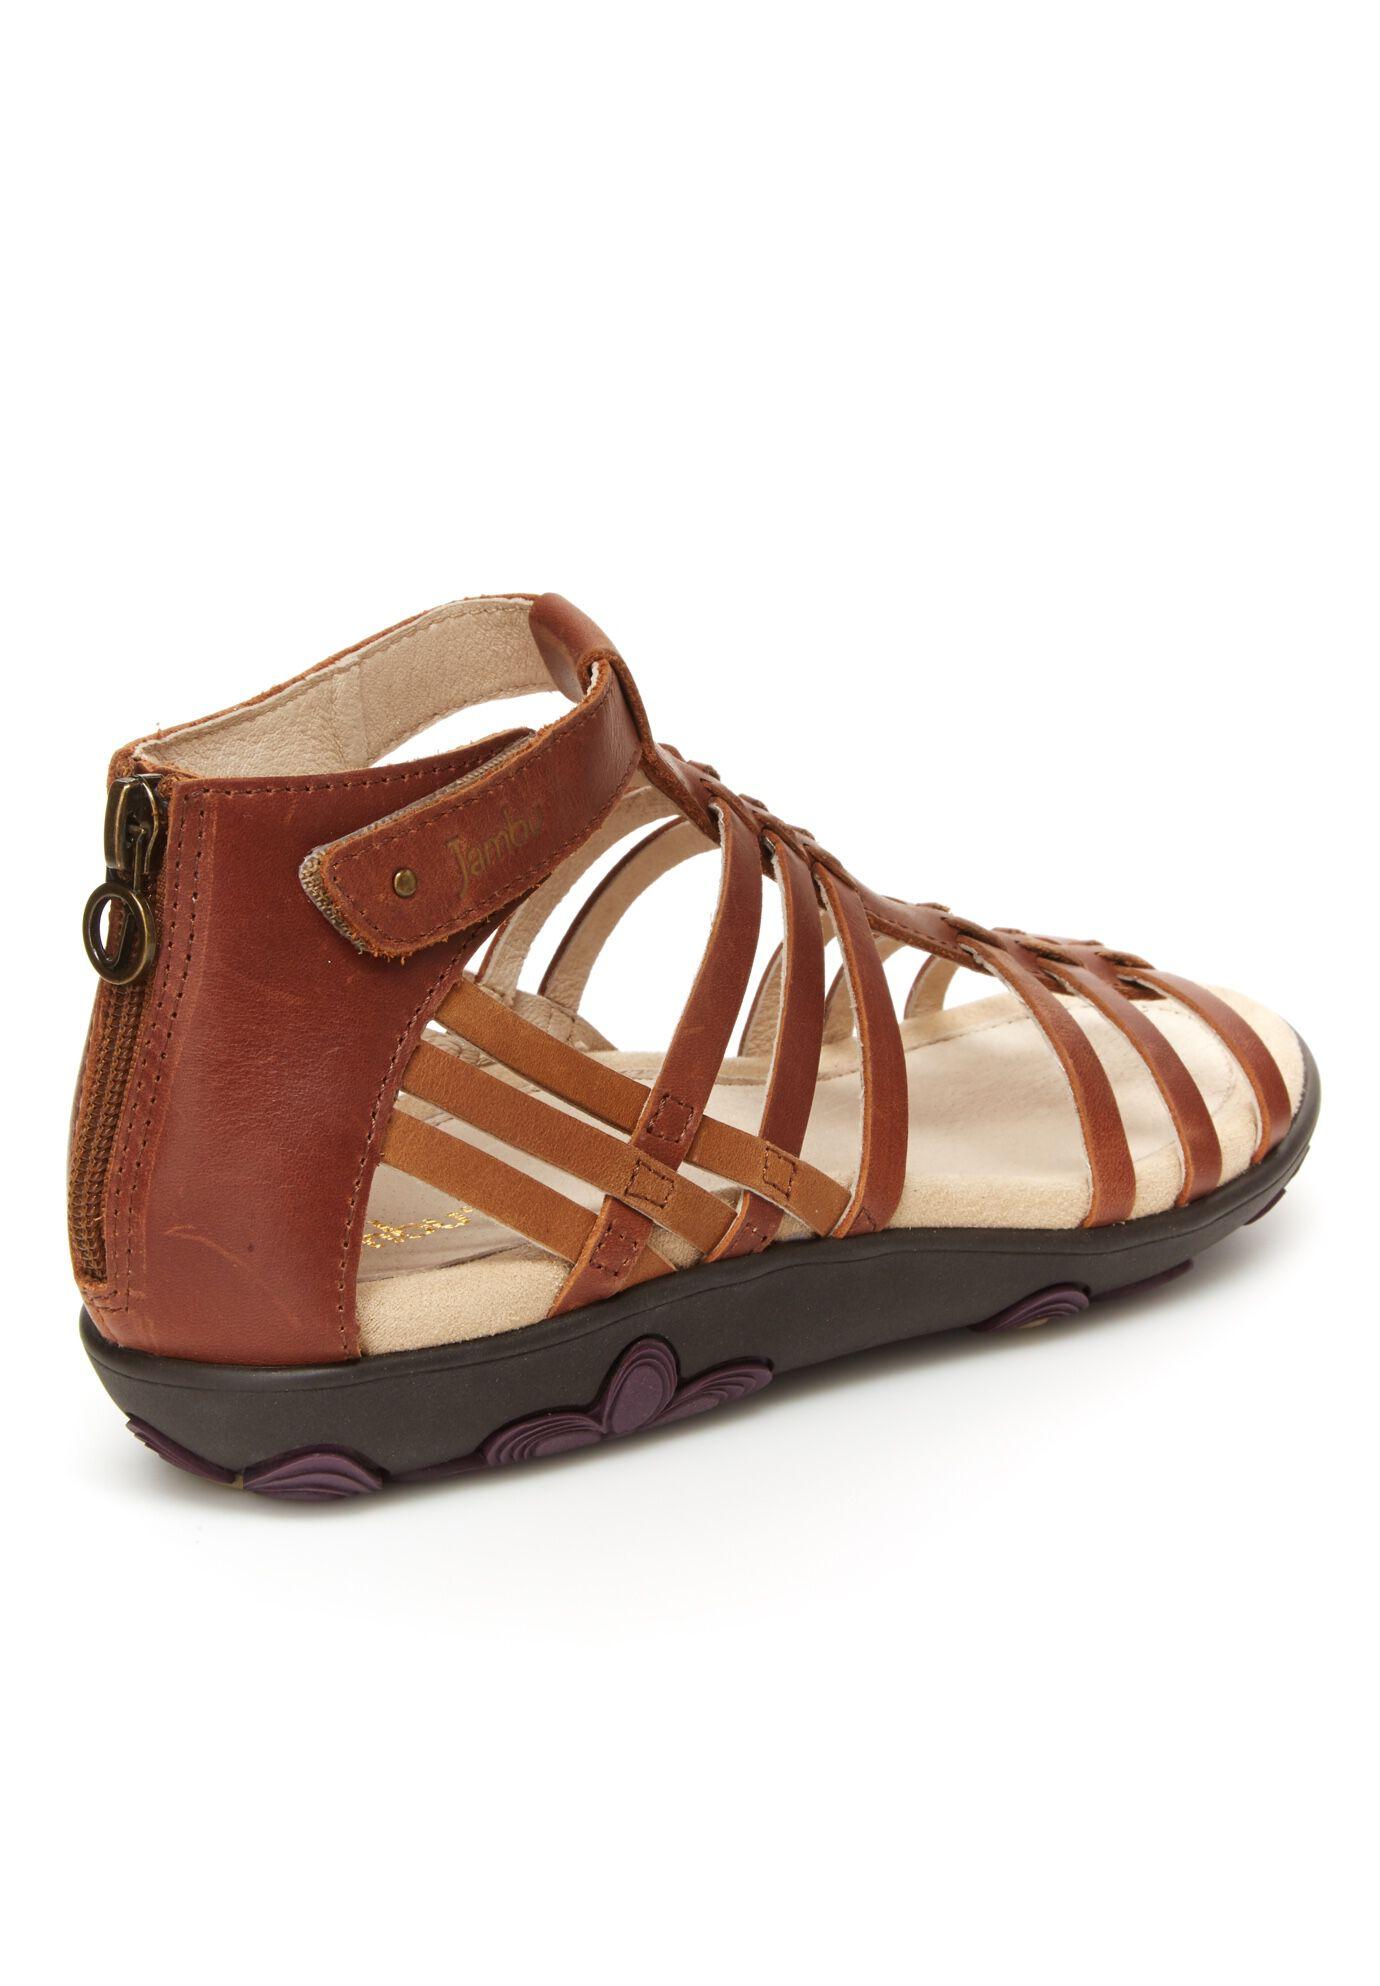 Bonsai Sandal by JambuPlusstørrelse Casual sandalerRoamans Plusstørrelse Casual sandaler Roaman's